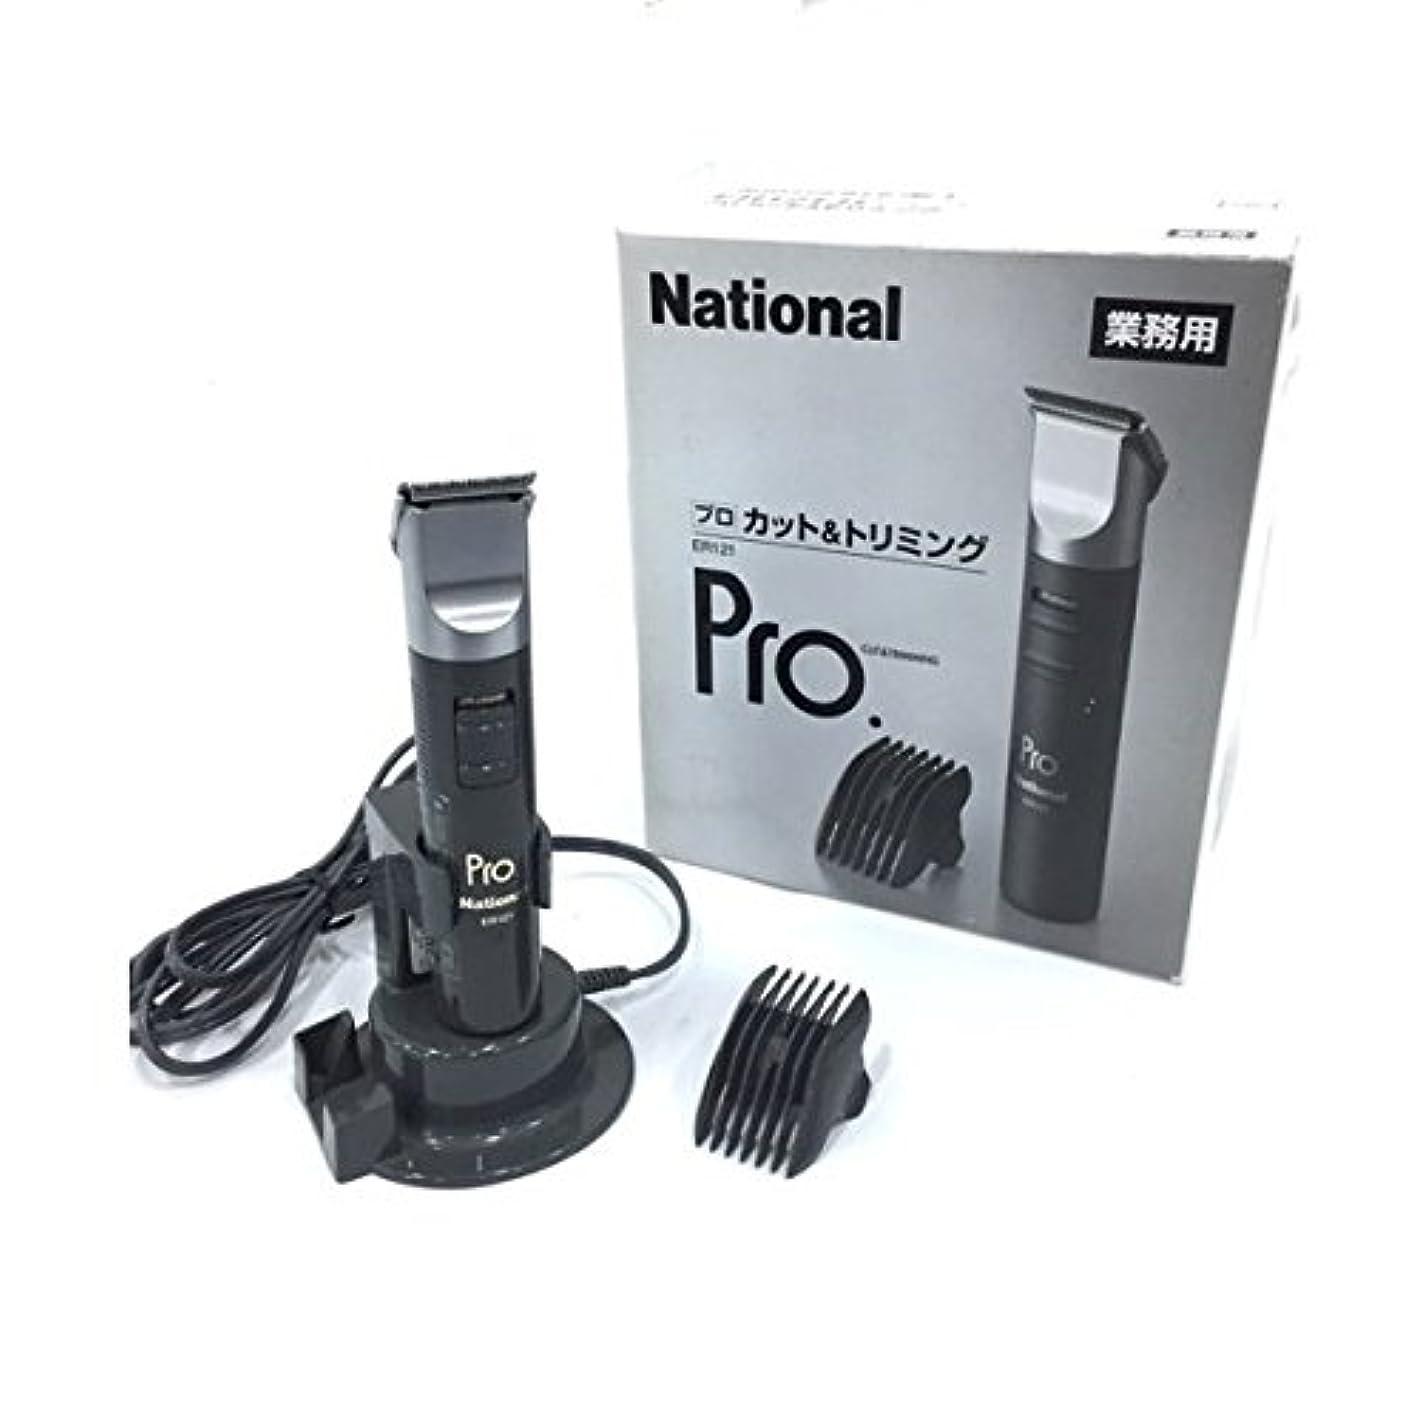 嫌がらせセンチメンタルレイアウトNational ER-121 Black 日本製ヘアトリマー ER121 110~ 220V [並行輸入品]